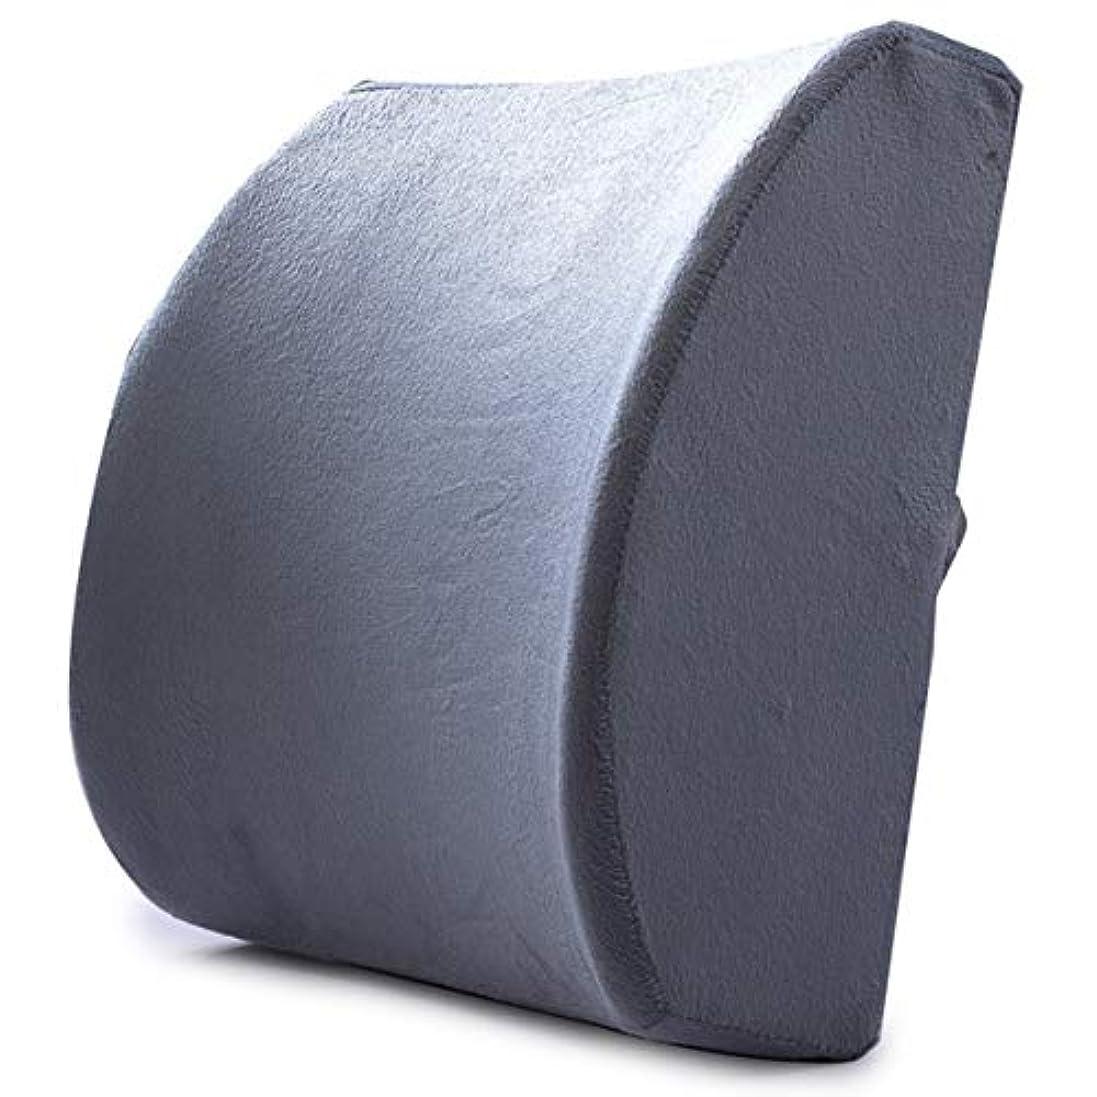 精巧なクッション運動するMemory Foam Lumbar Support Waist Cushion Pillow For Chairs in the Car Seat Pillows Home Office Relieve Pain